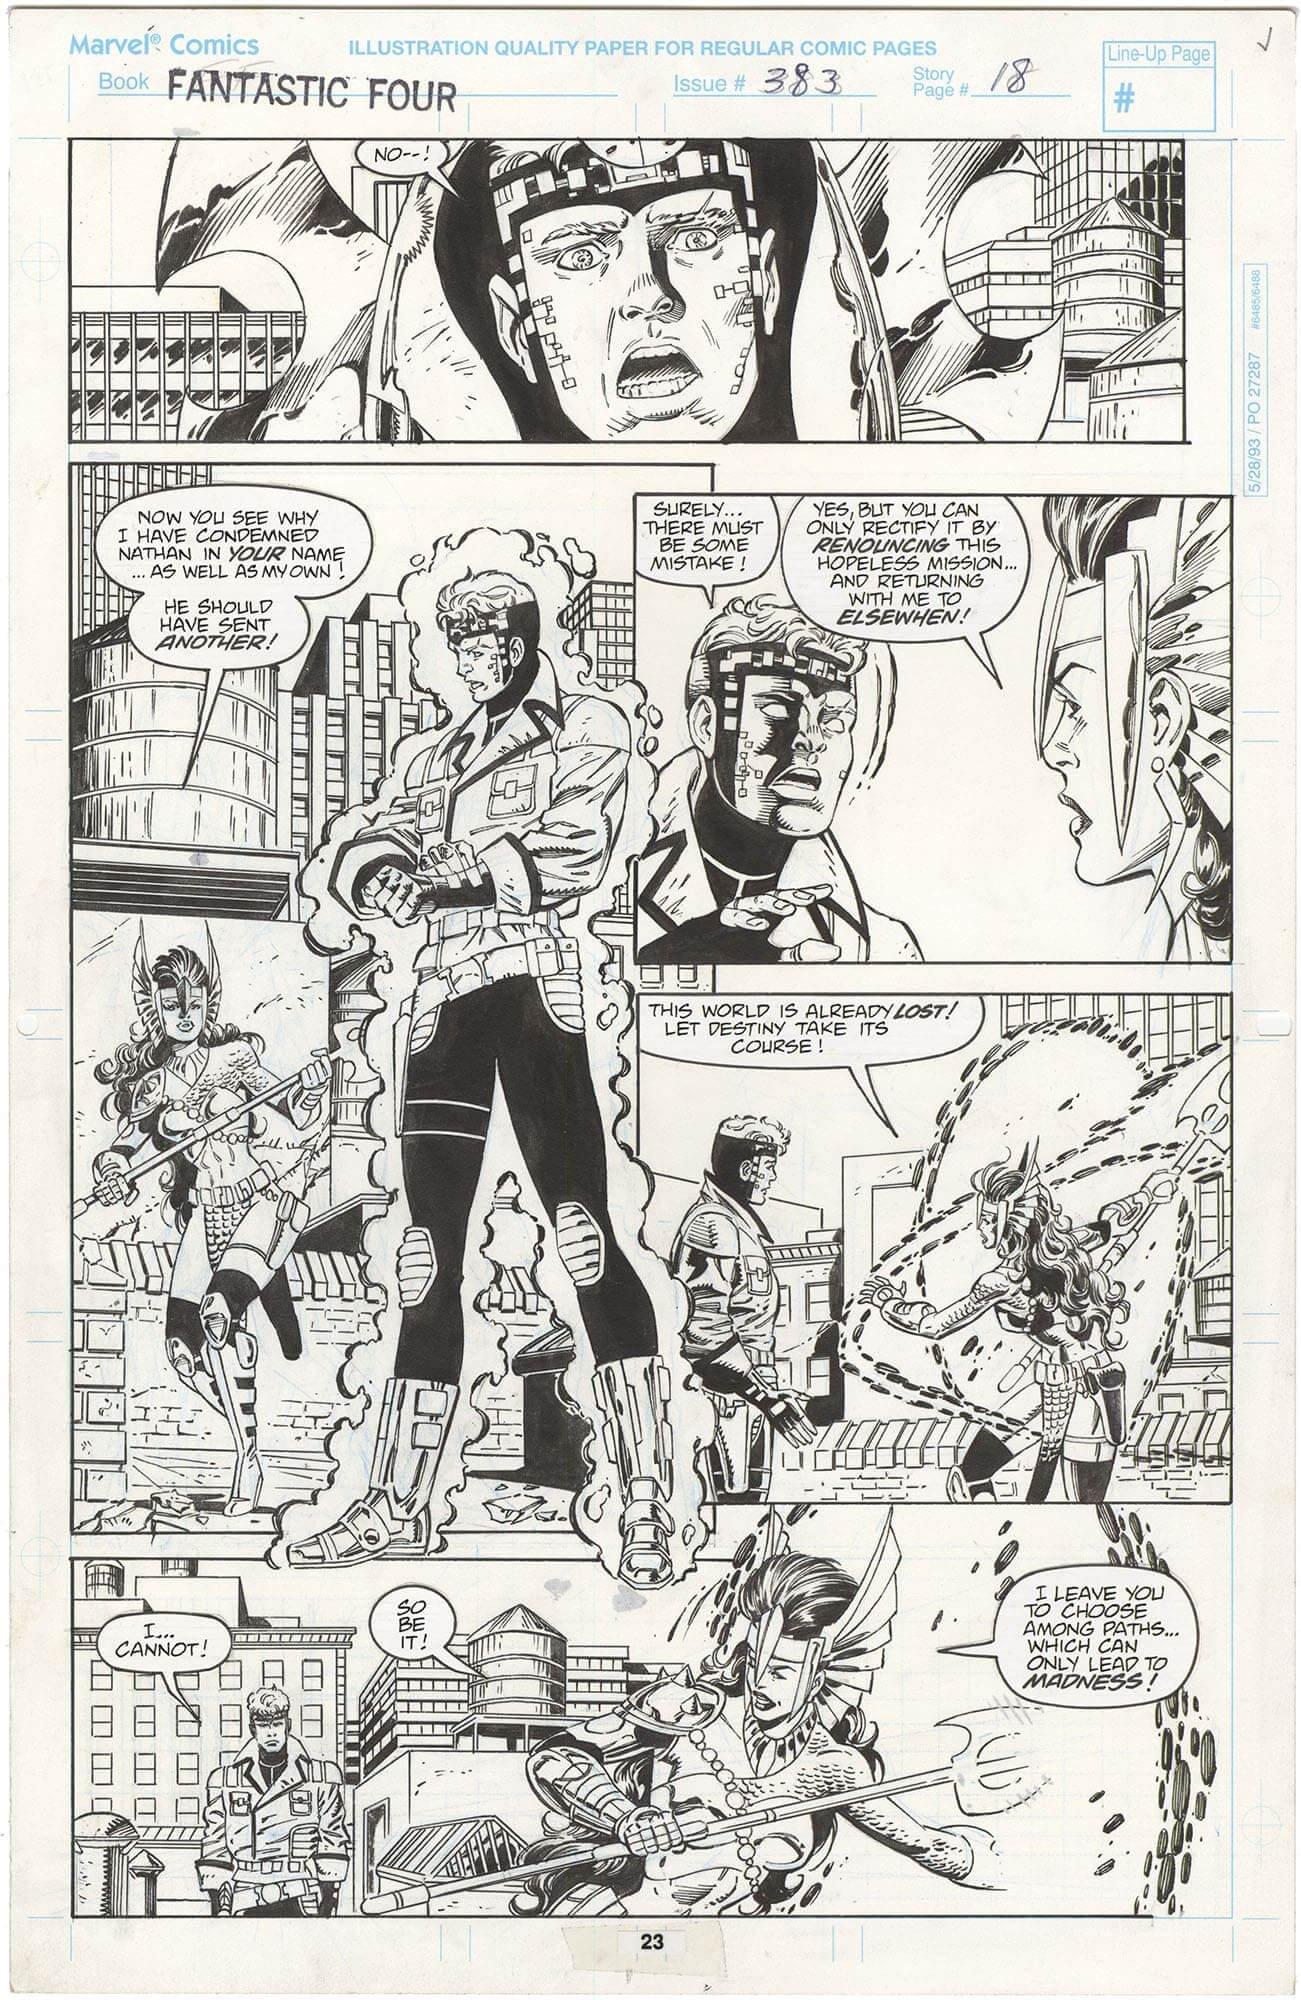 Fantastic Four #383 p23